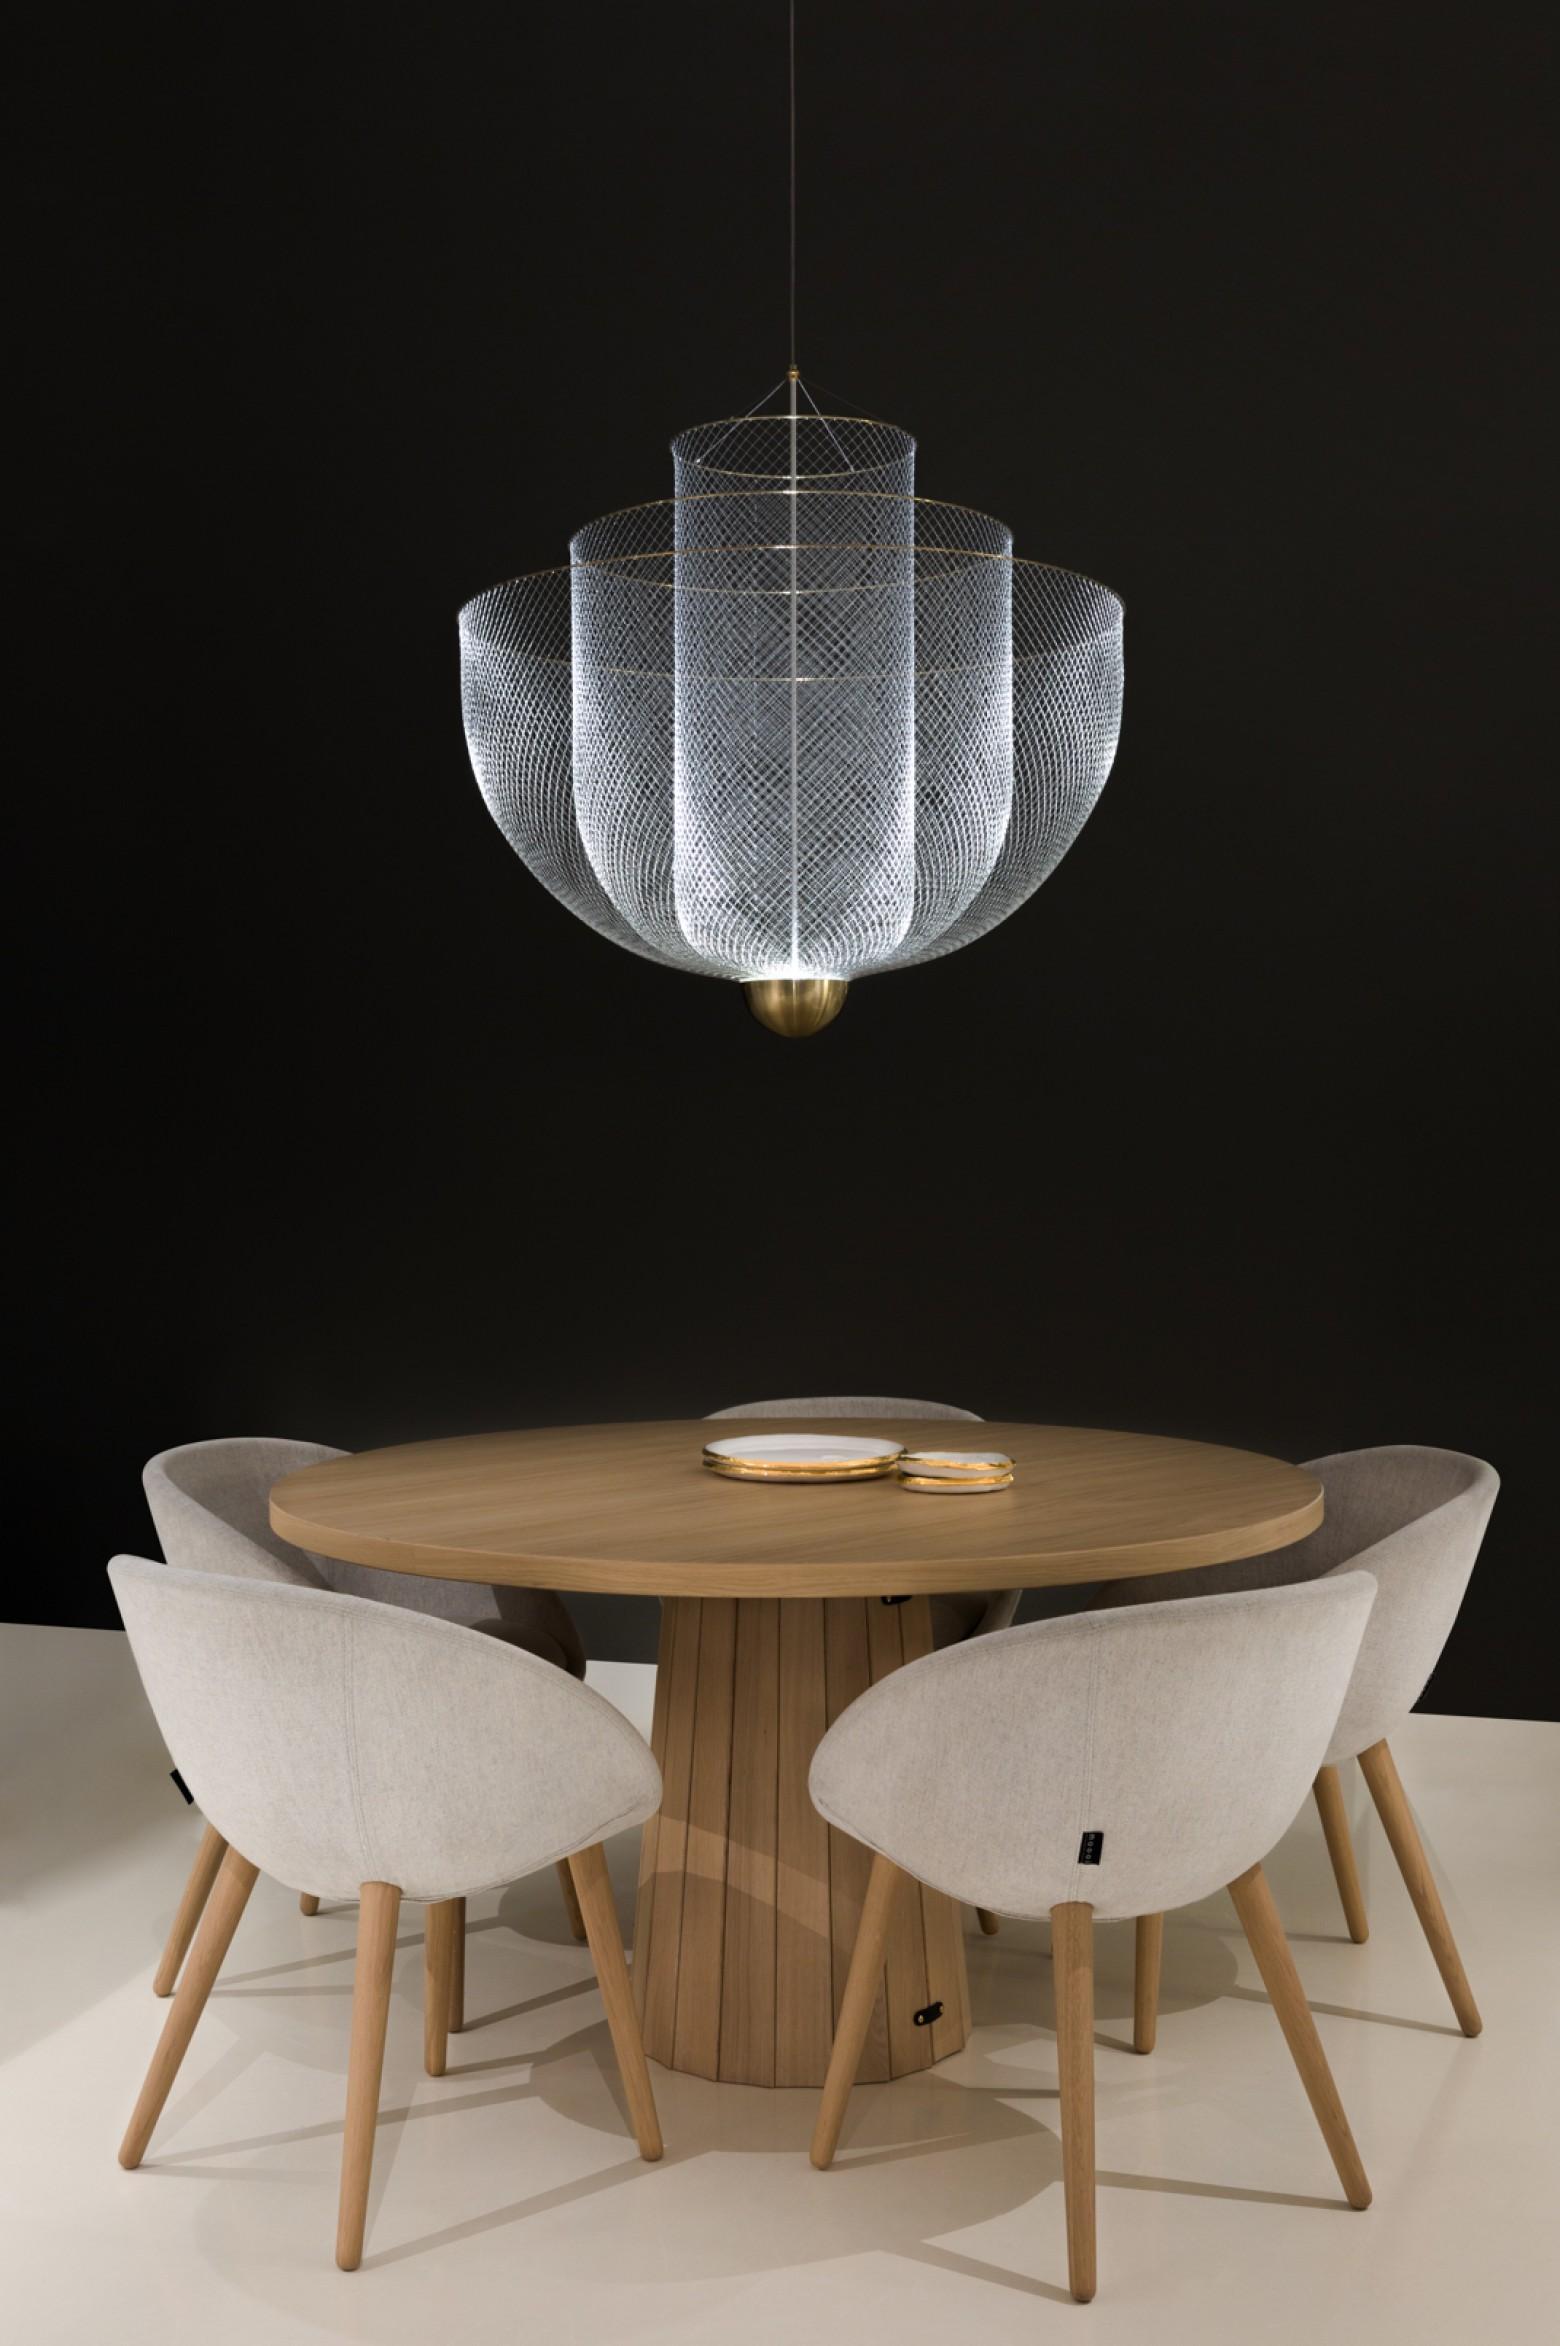 Meshmatics hanglamp nu ook in kleinere versie  Victors Design Agency